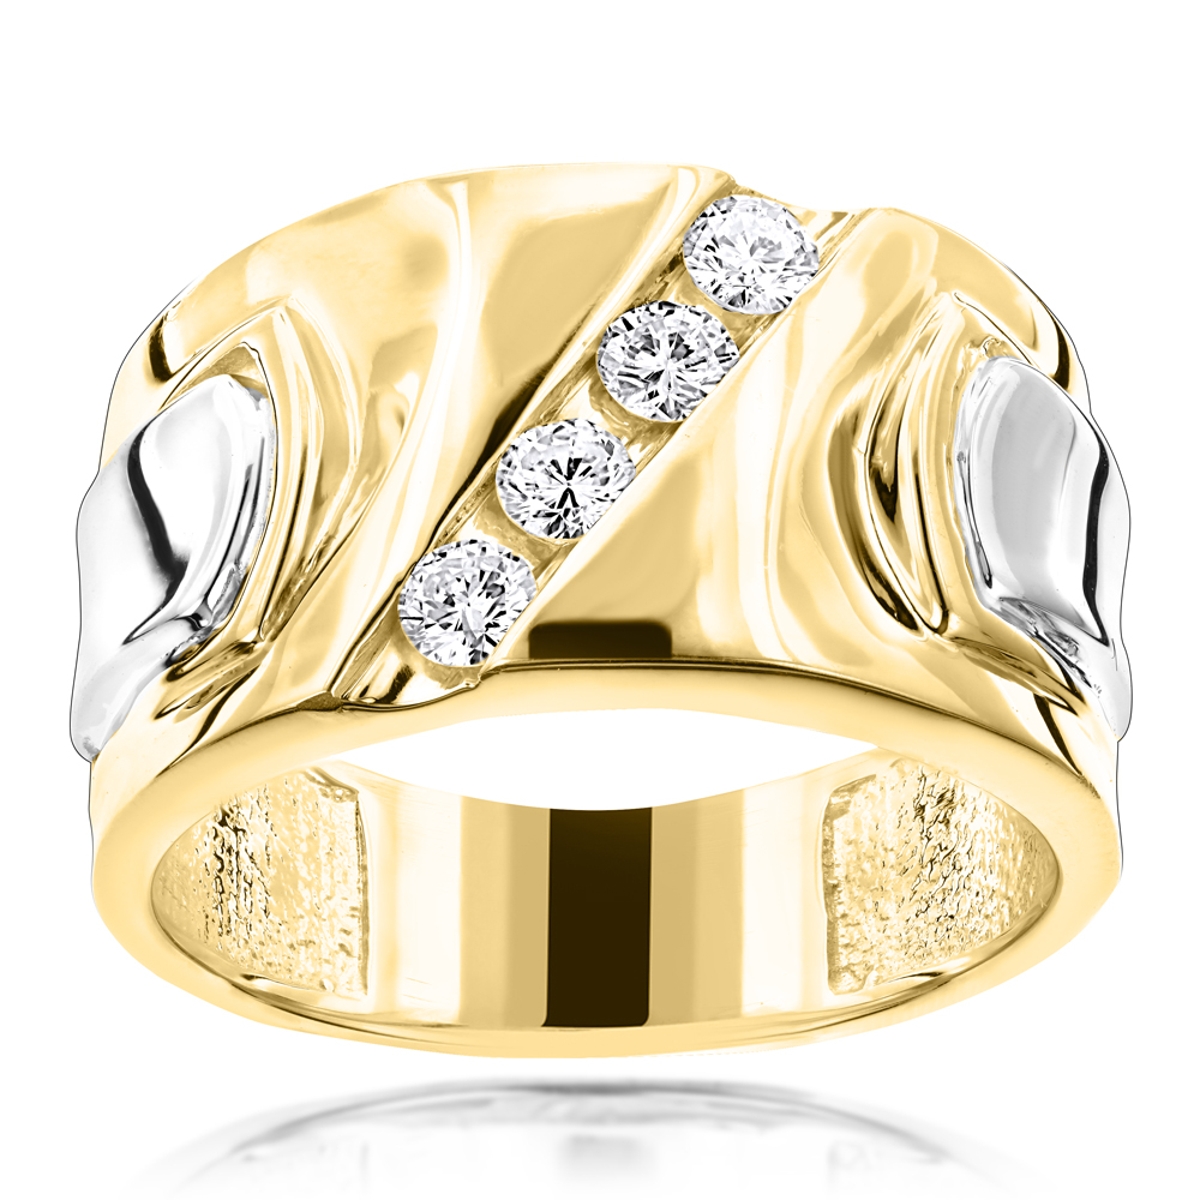 Luccello Brand 18K Gold Mens Designer Diamond Ring G VS 0.5ct